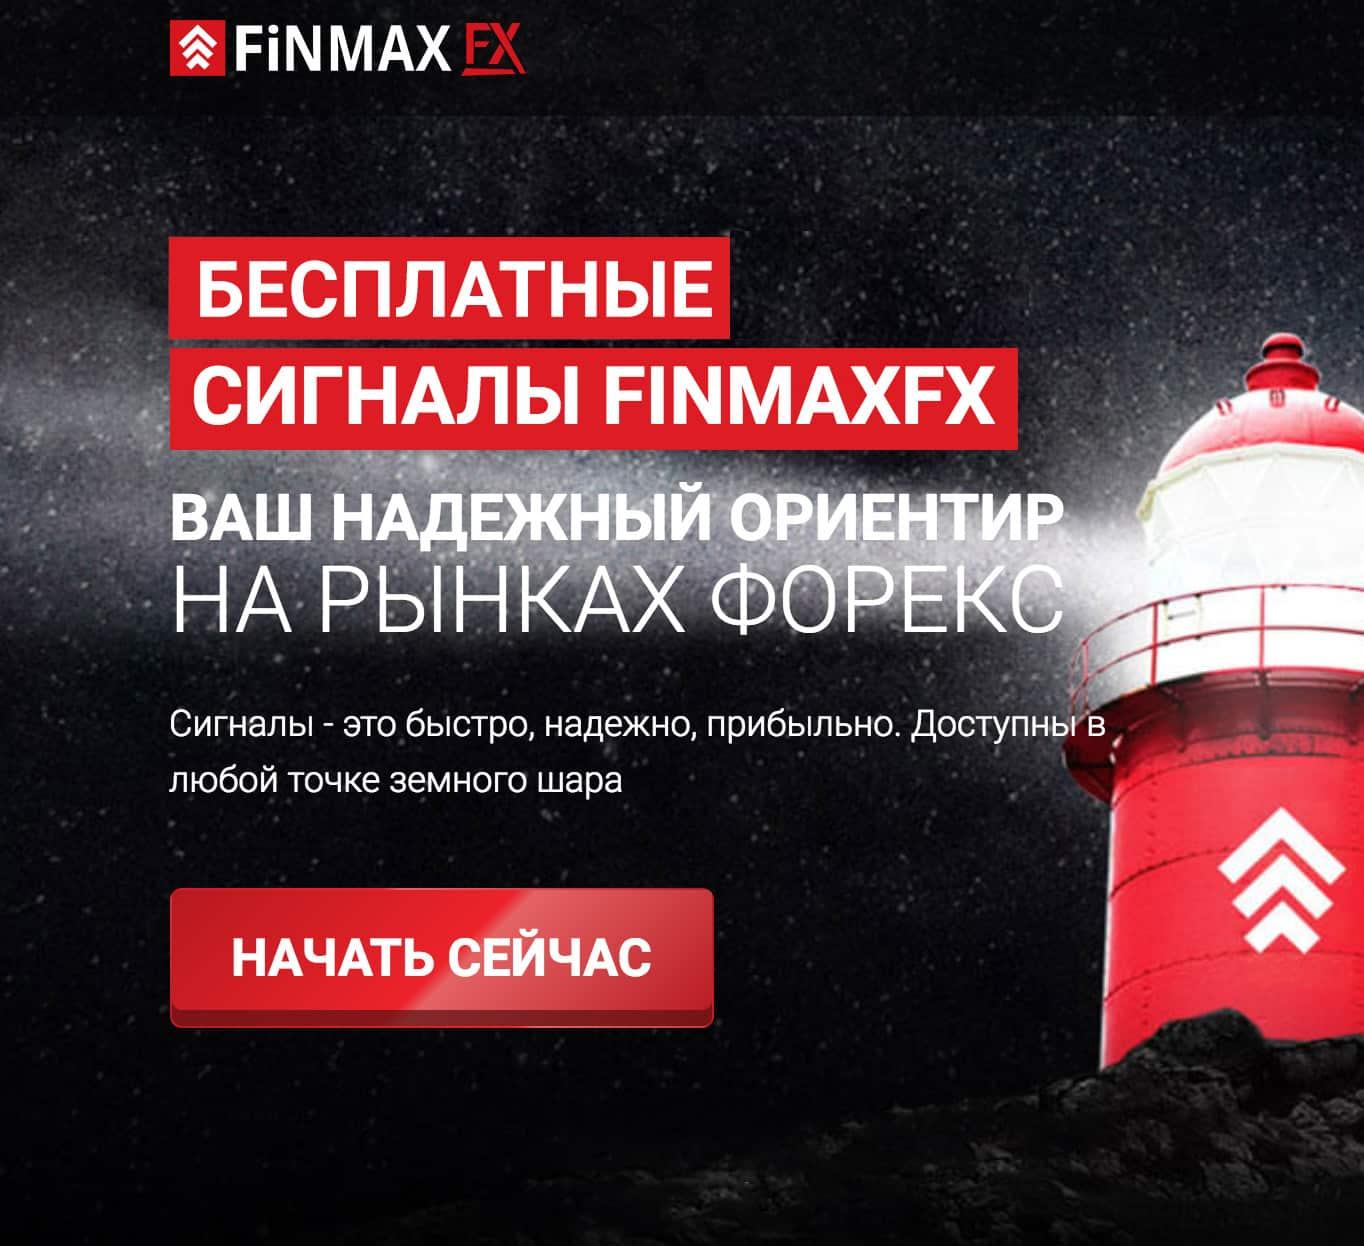 Бесплатные сигналы от Финмакс